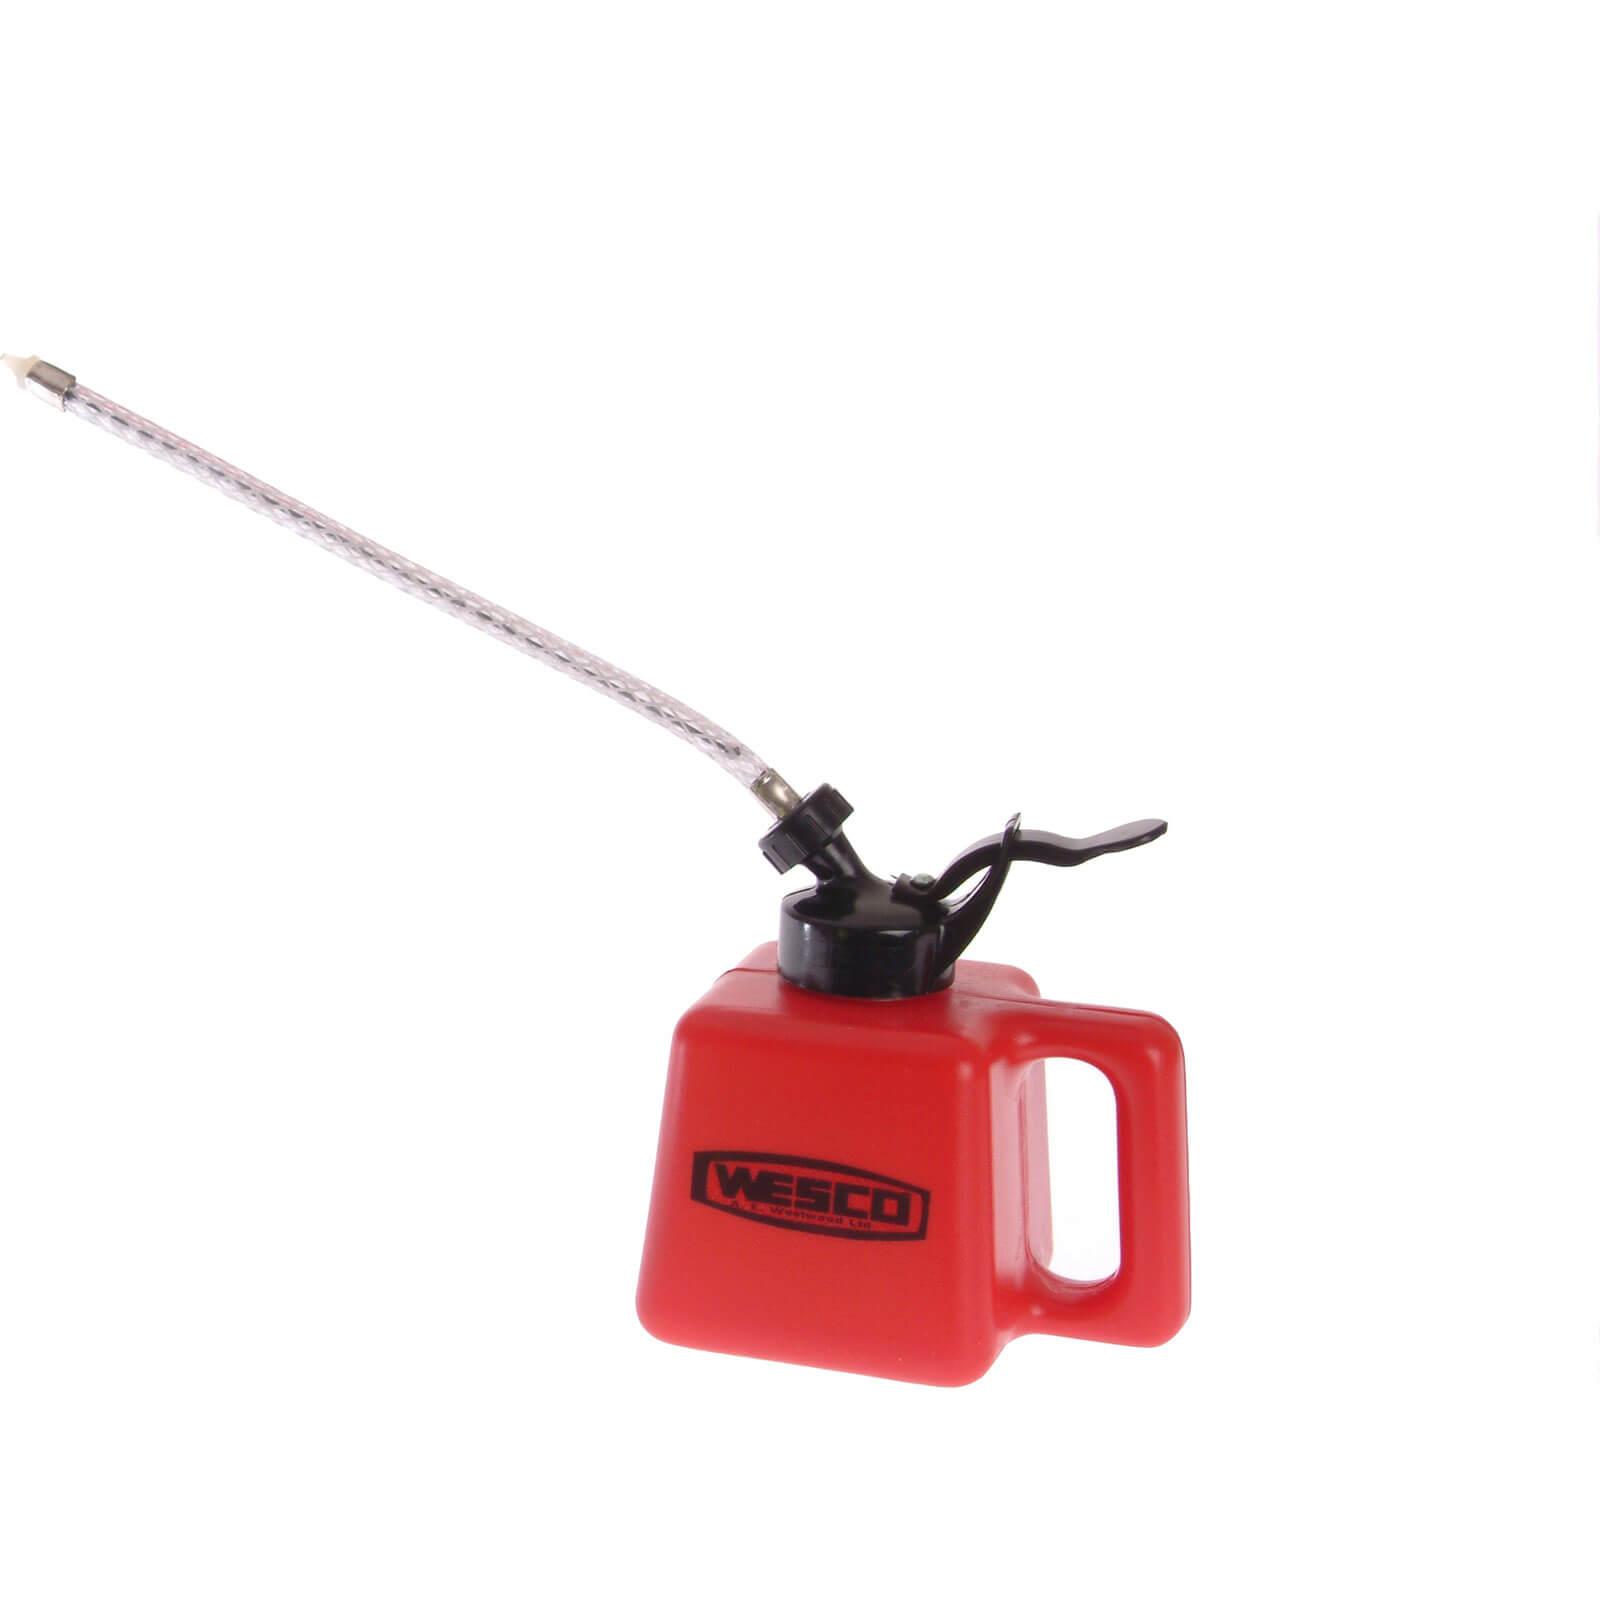 Wesco Polythene Oil Can & Flexible Spout 500ml